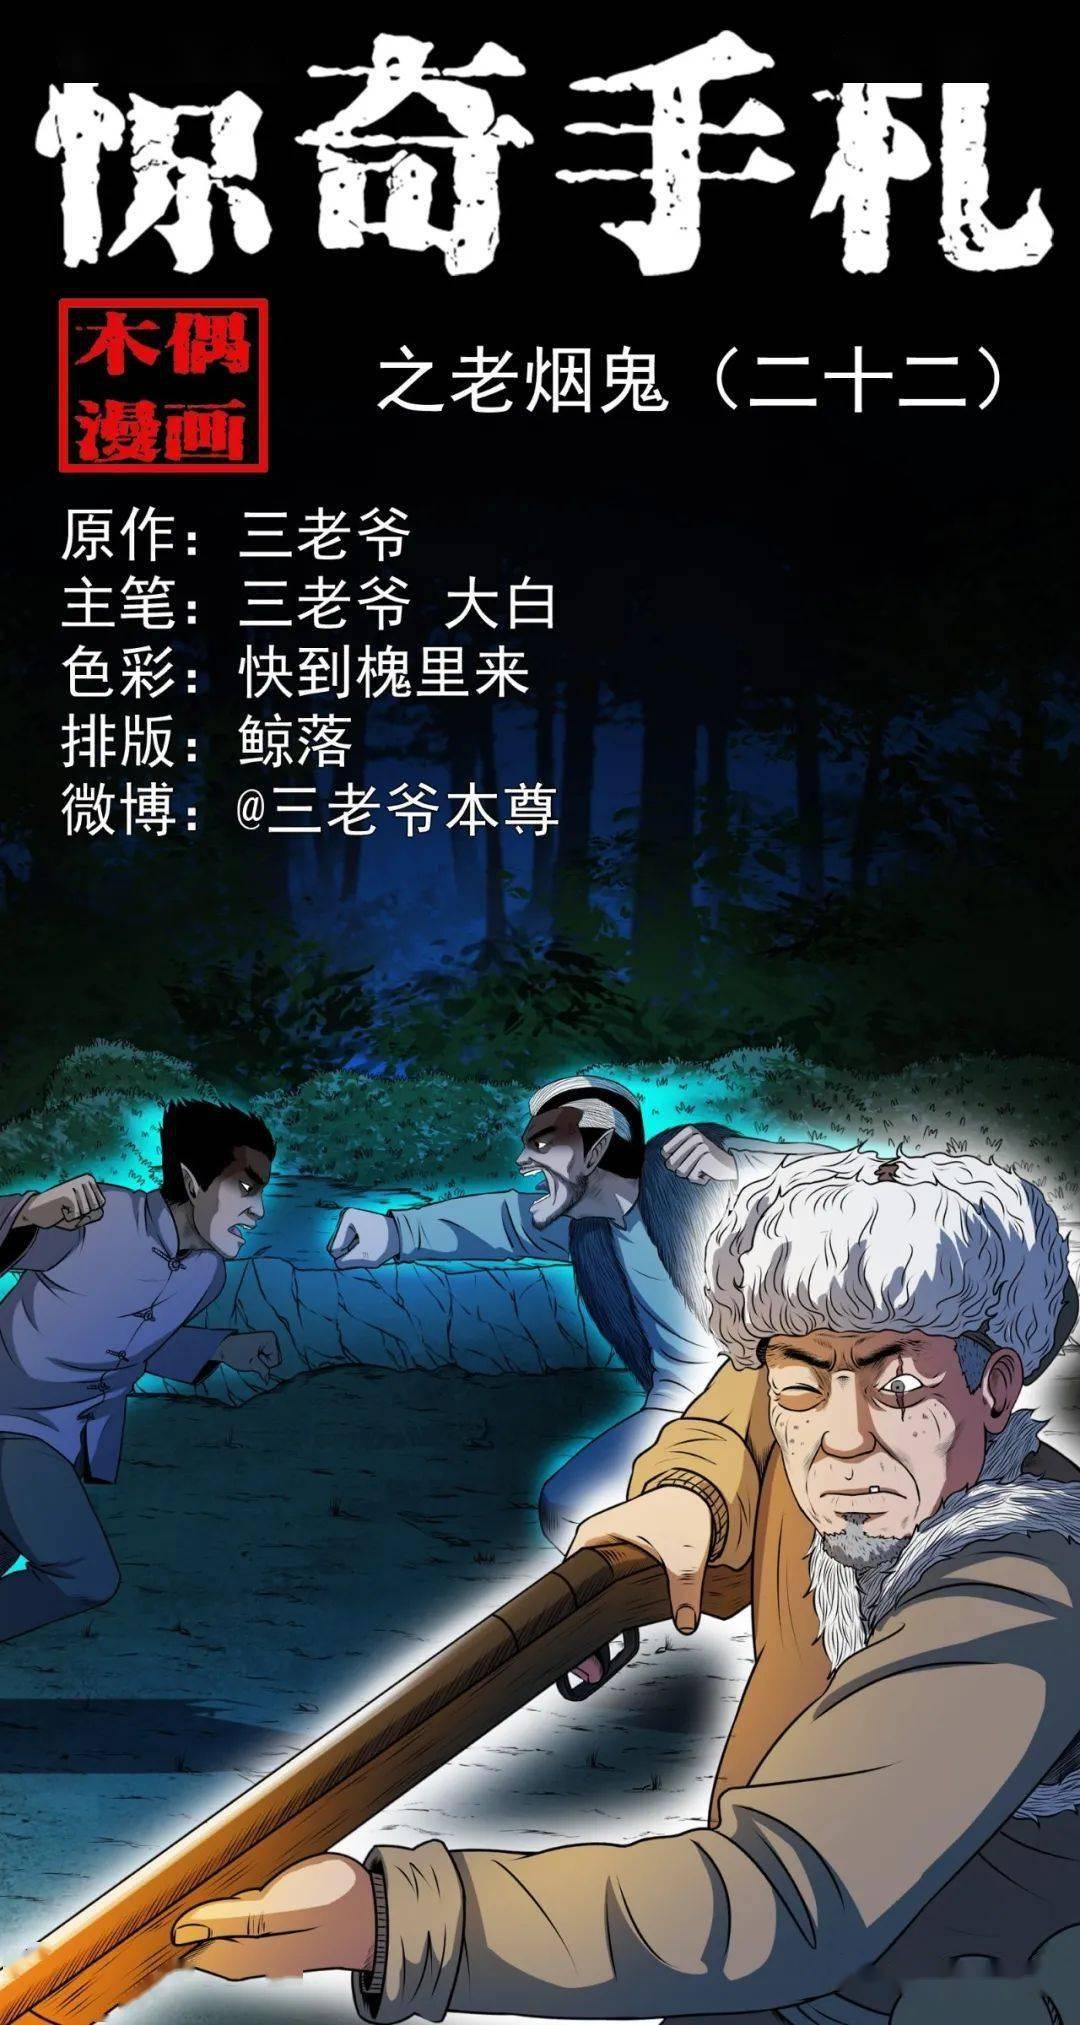 【獾子寻仇】_漫画